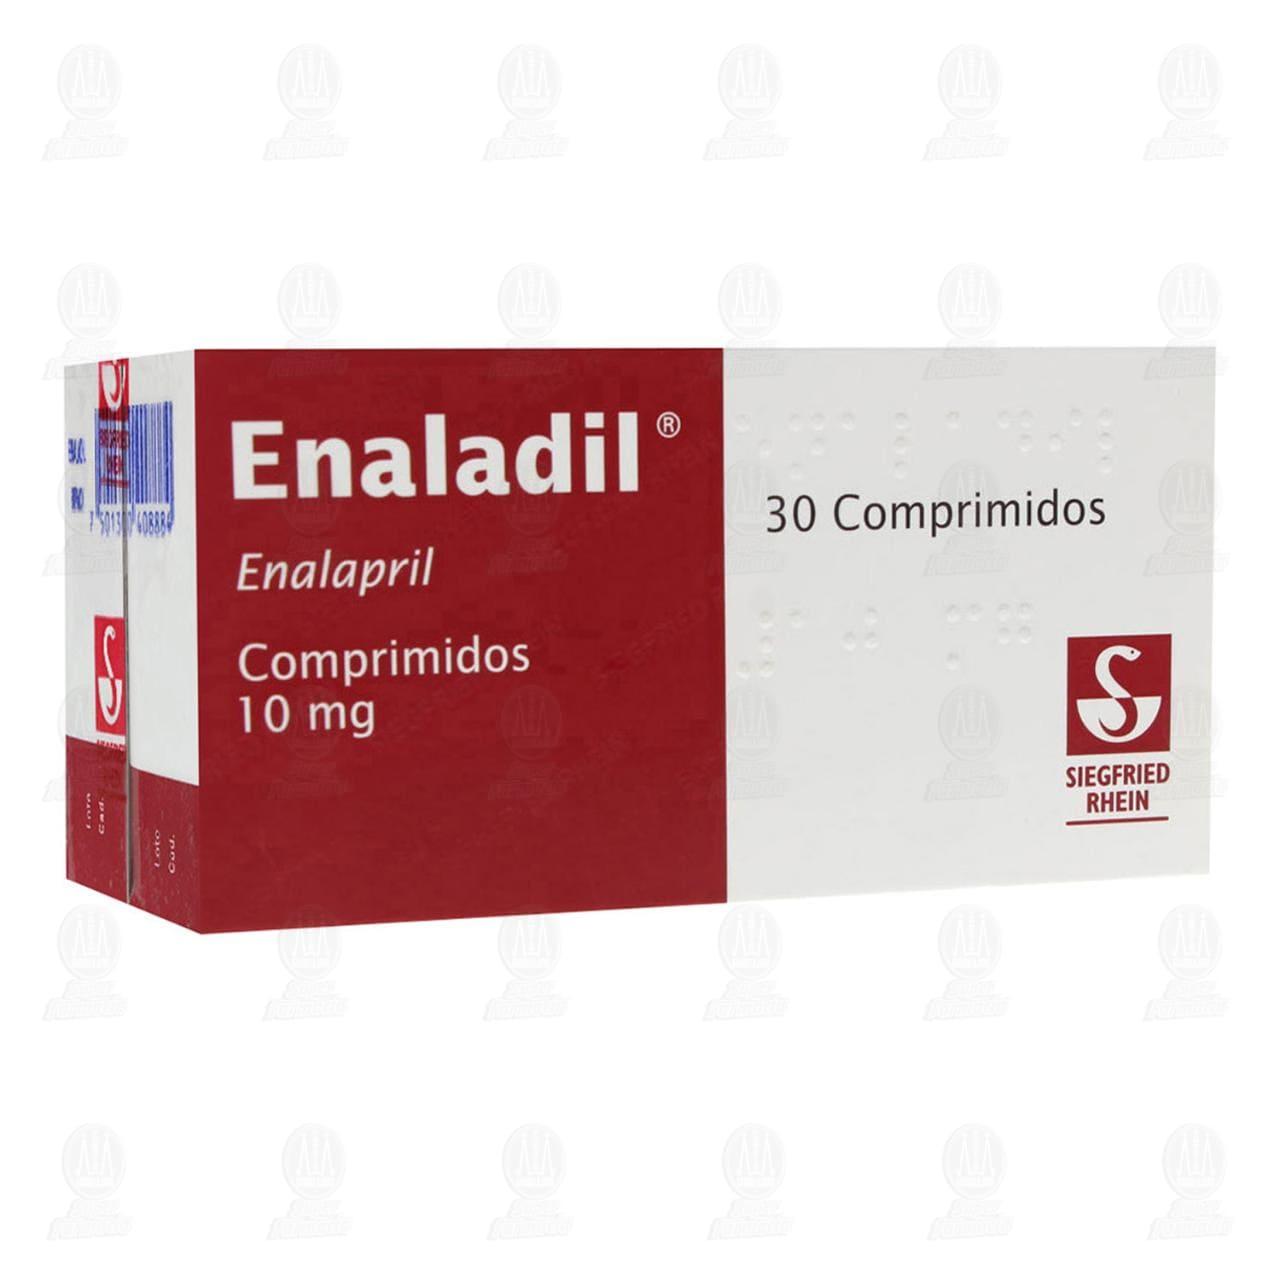 Comprar Enaladil 10mg 30 Comprimidos Dual 2 Cajas en Farmacias Guadalajara